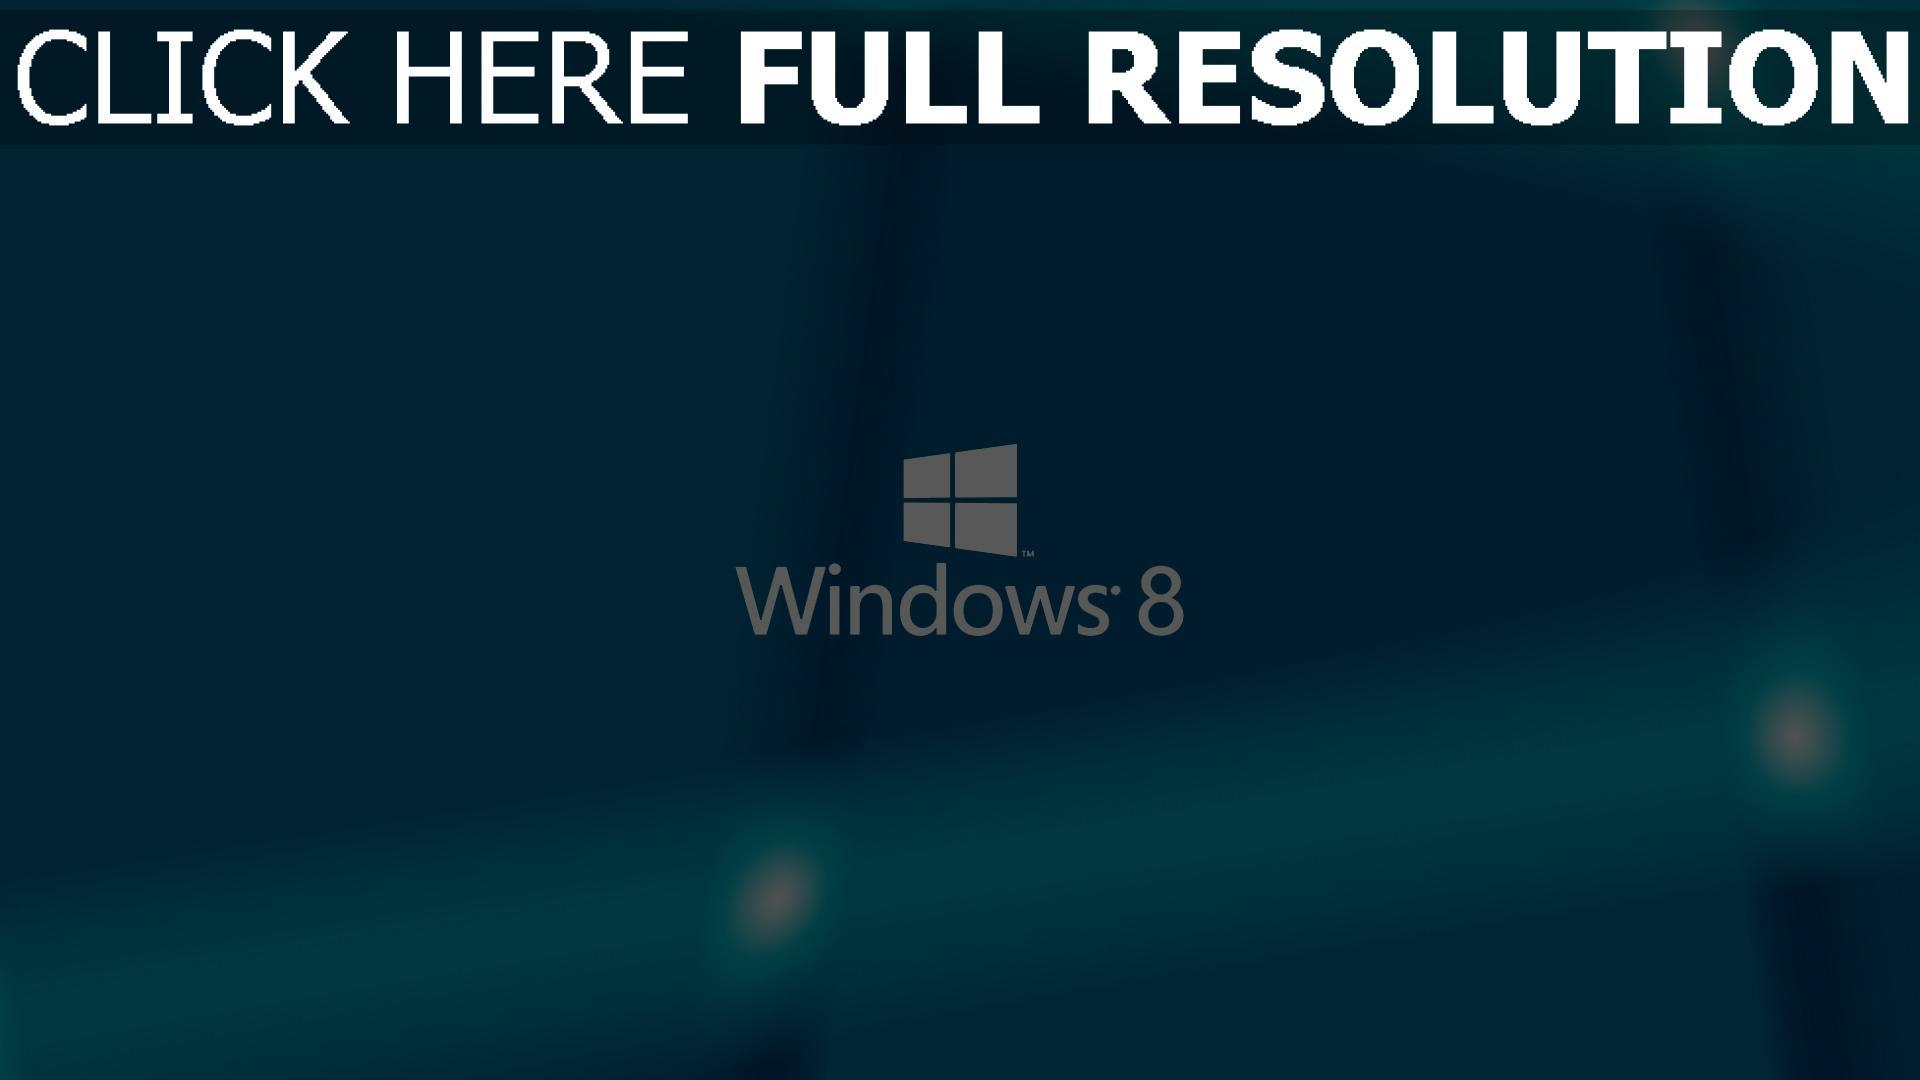 HD Hintergrundbilder windows 8 logo hintergrund blau